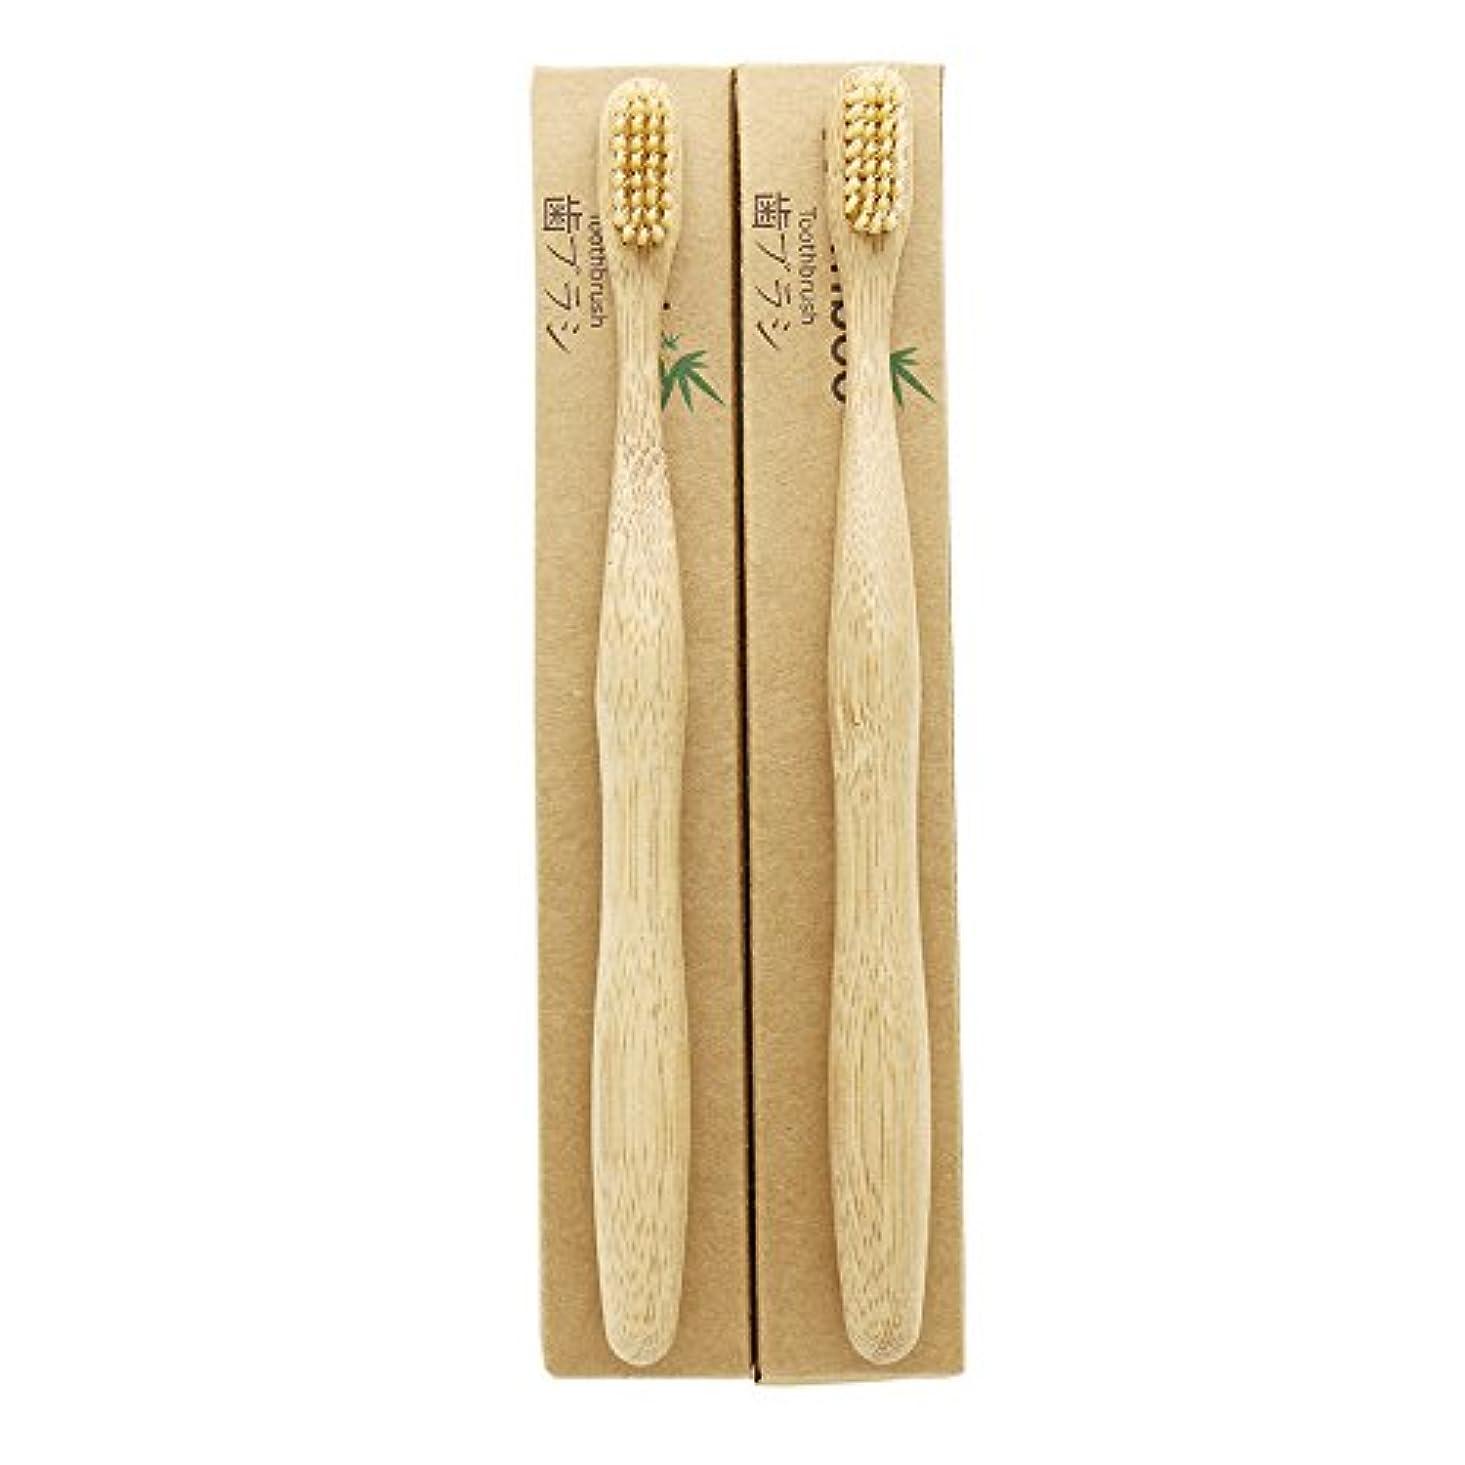 普及浜辺注目すべきN-amboo 竹製耐久度高い 歯ブラシ ハンドル大きい 2本入りセット ベージュ